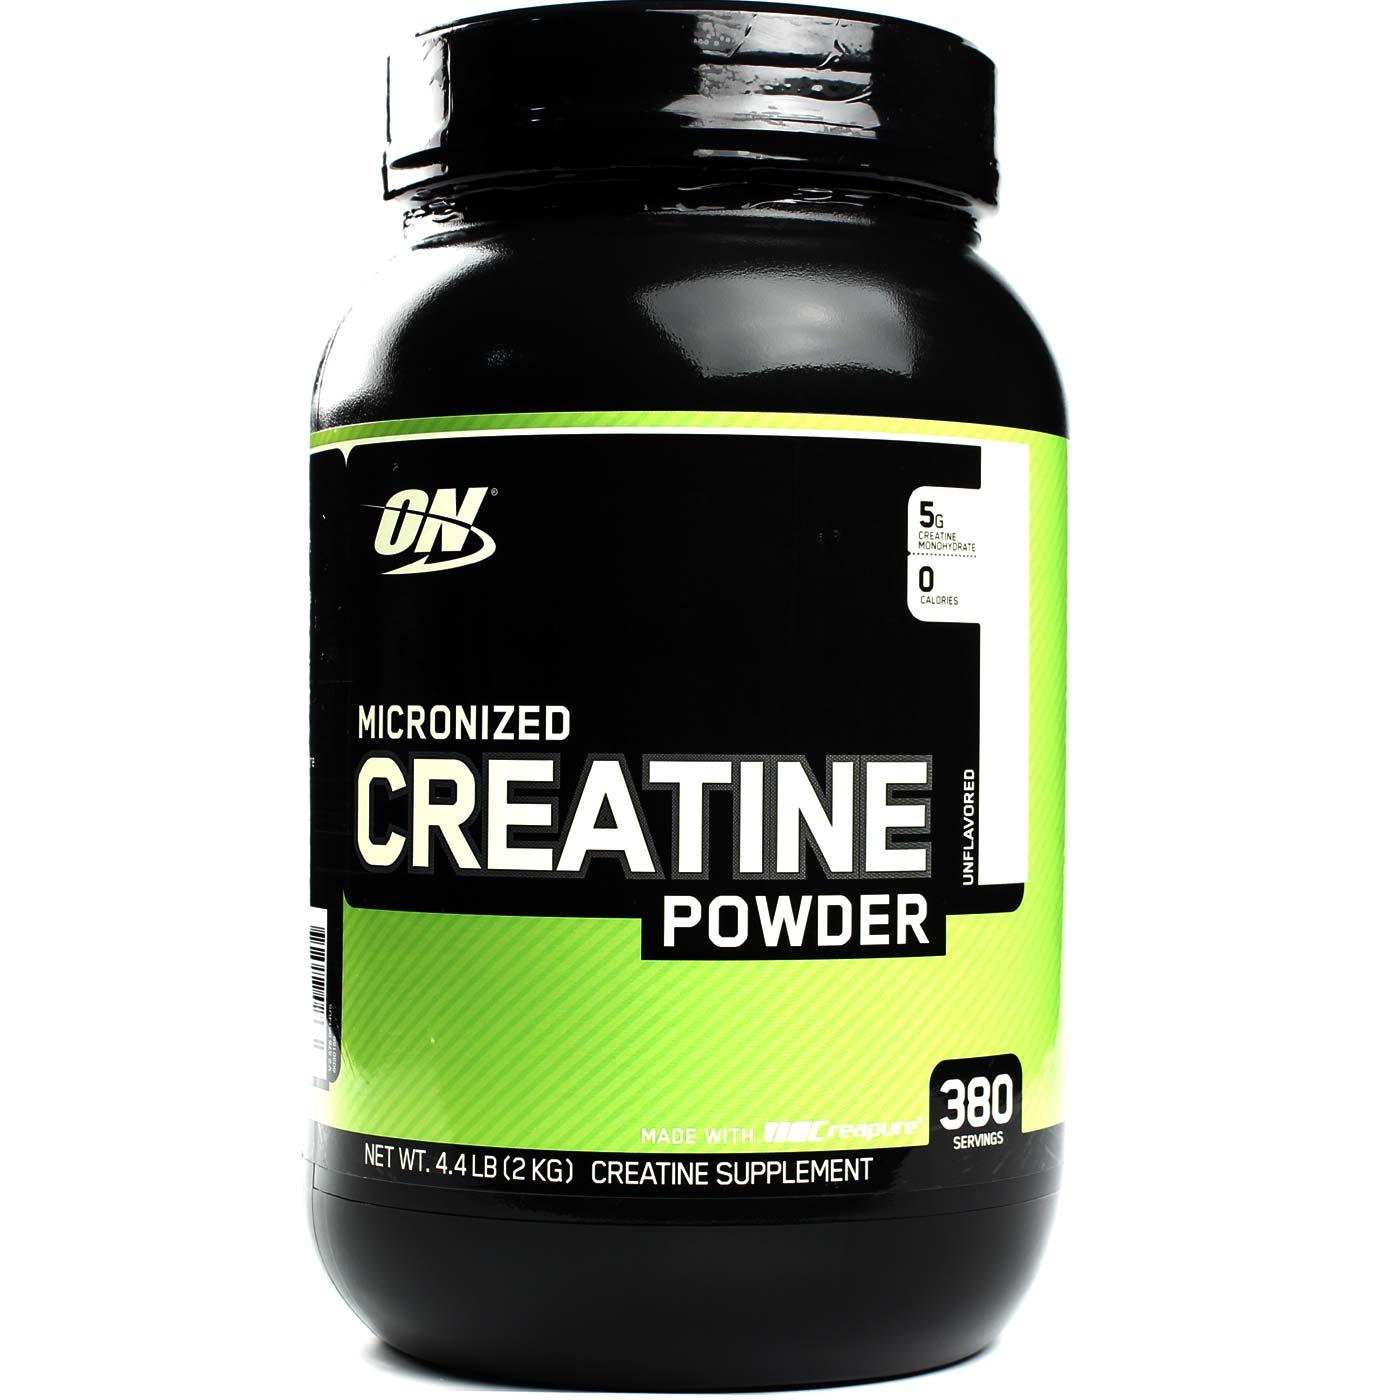 c6e67357d Creatina em Pó (Micronizada) Sem Sabor Optimum Nutrition 4.4 lbs  2 kg 380